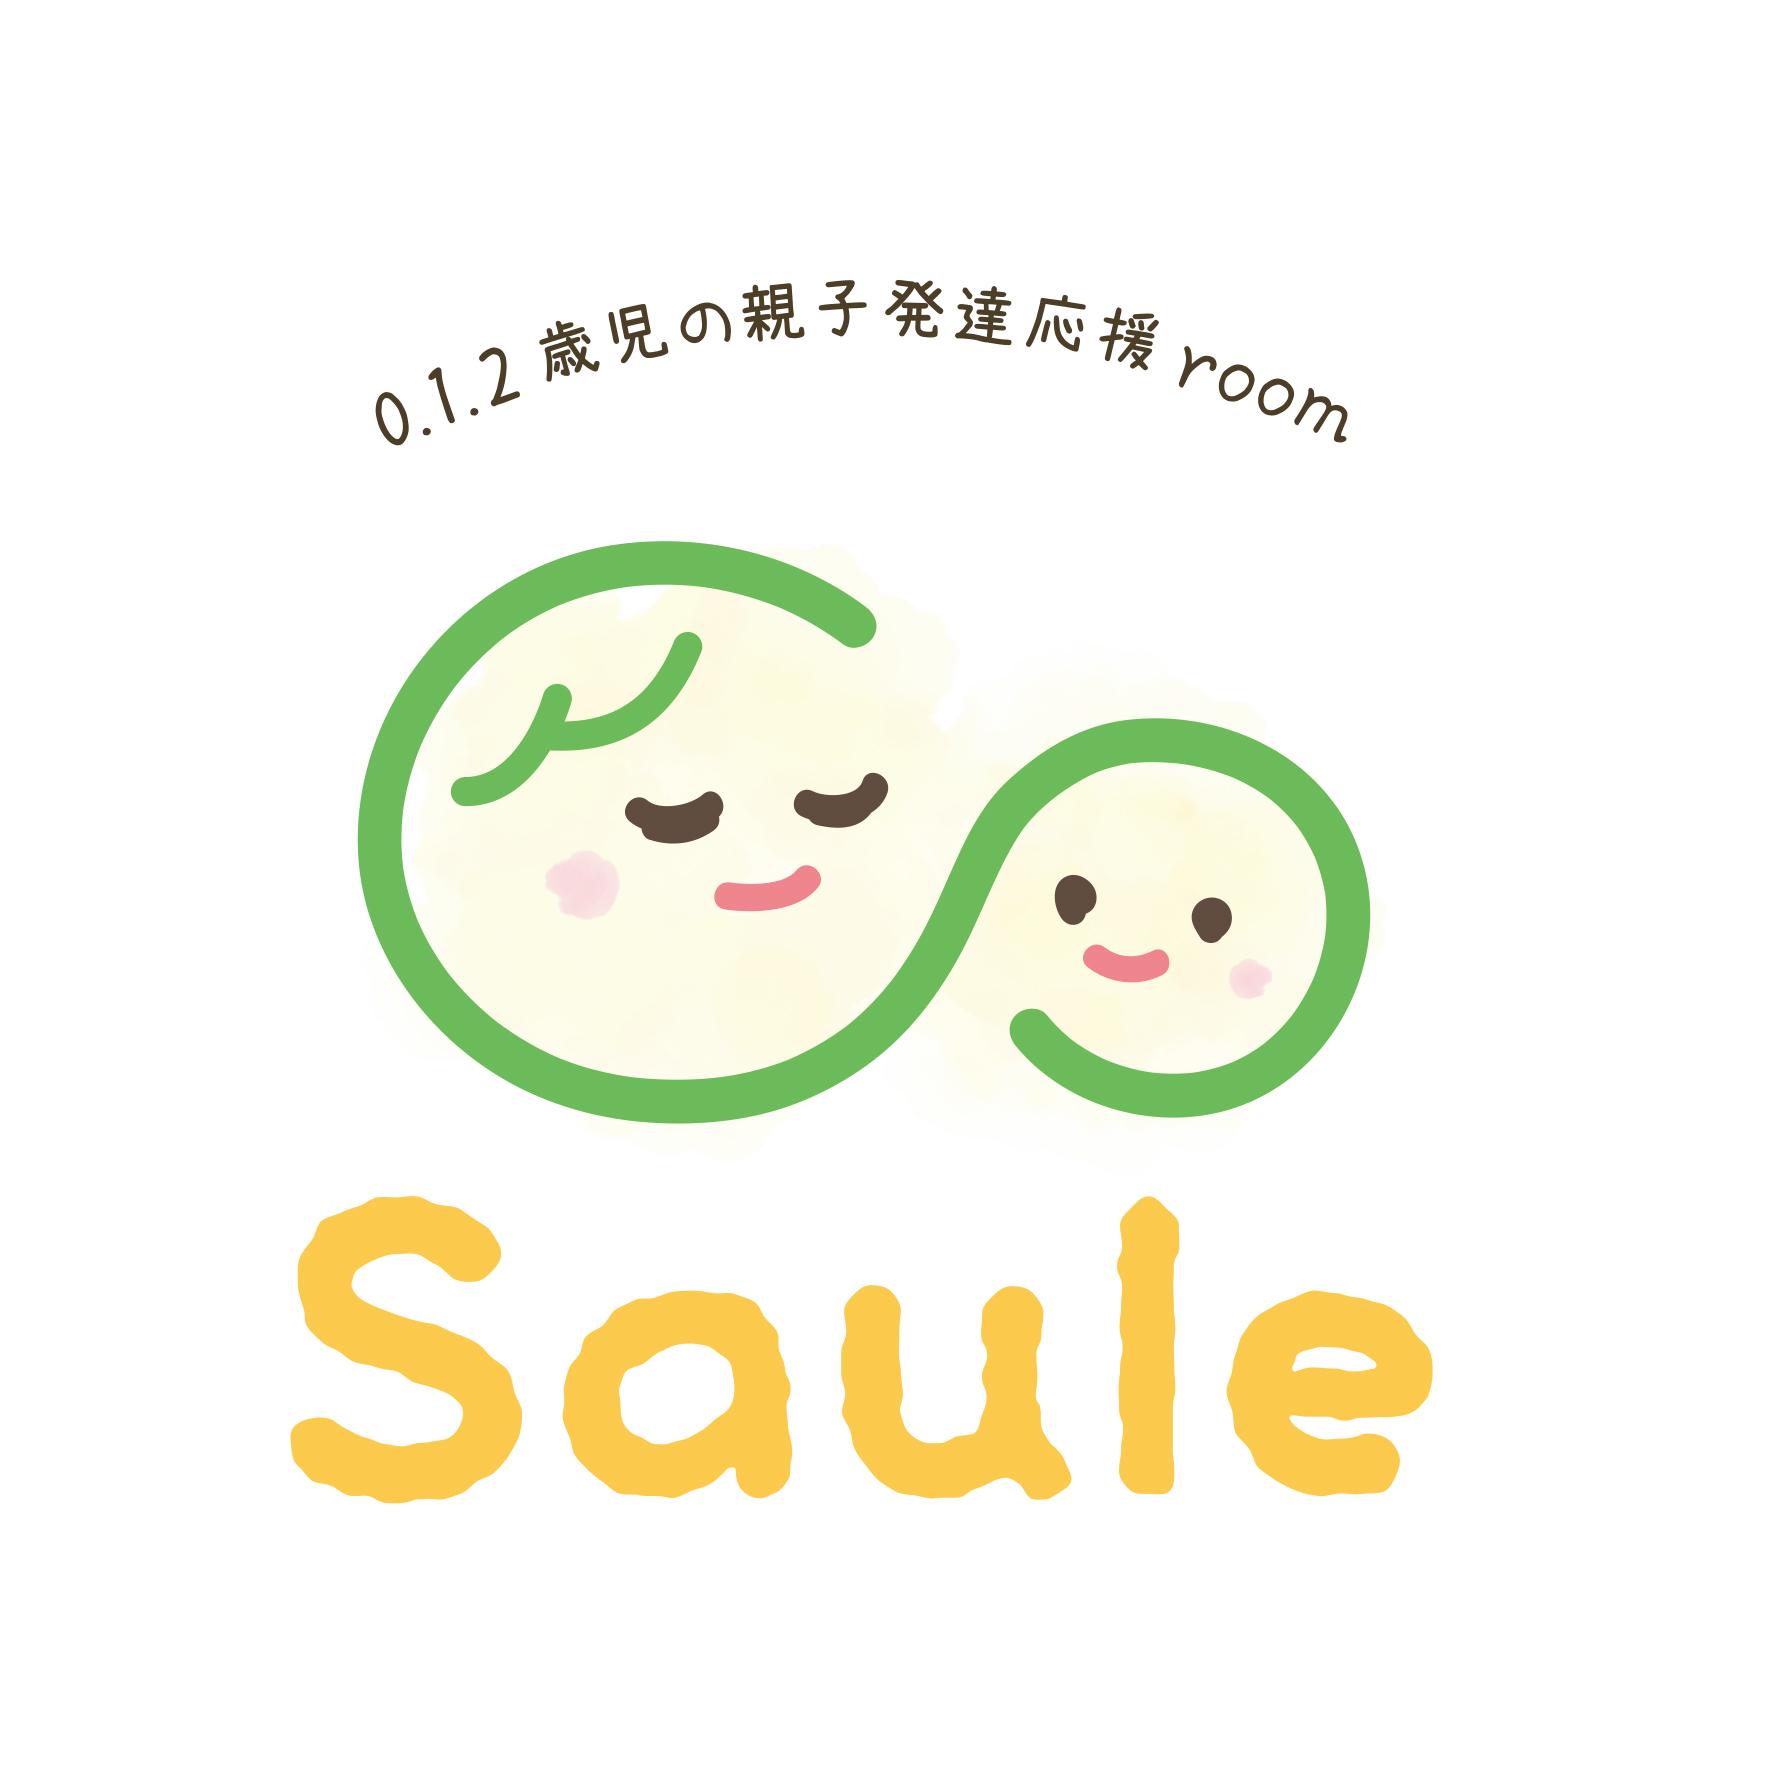 0.1.2歳児の親子発達応援room Saule